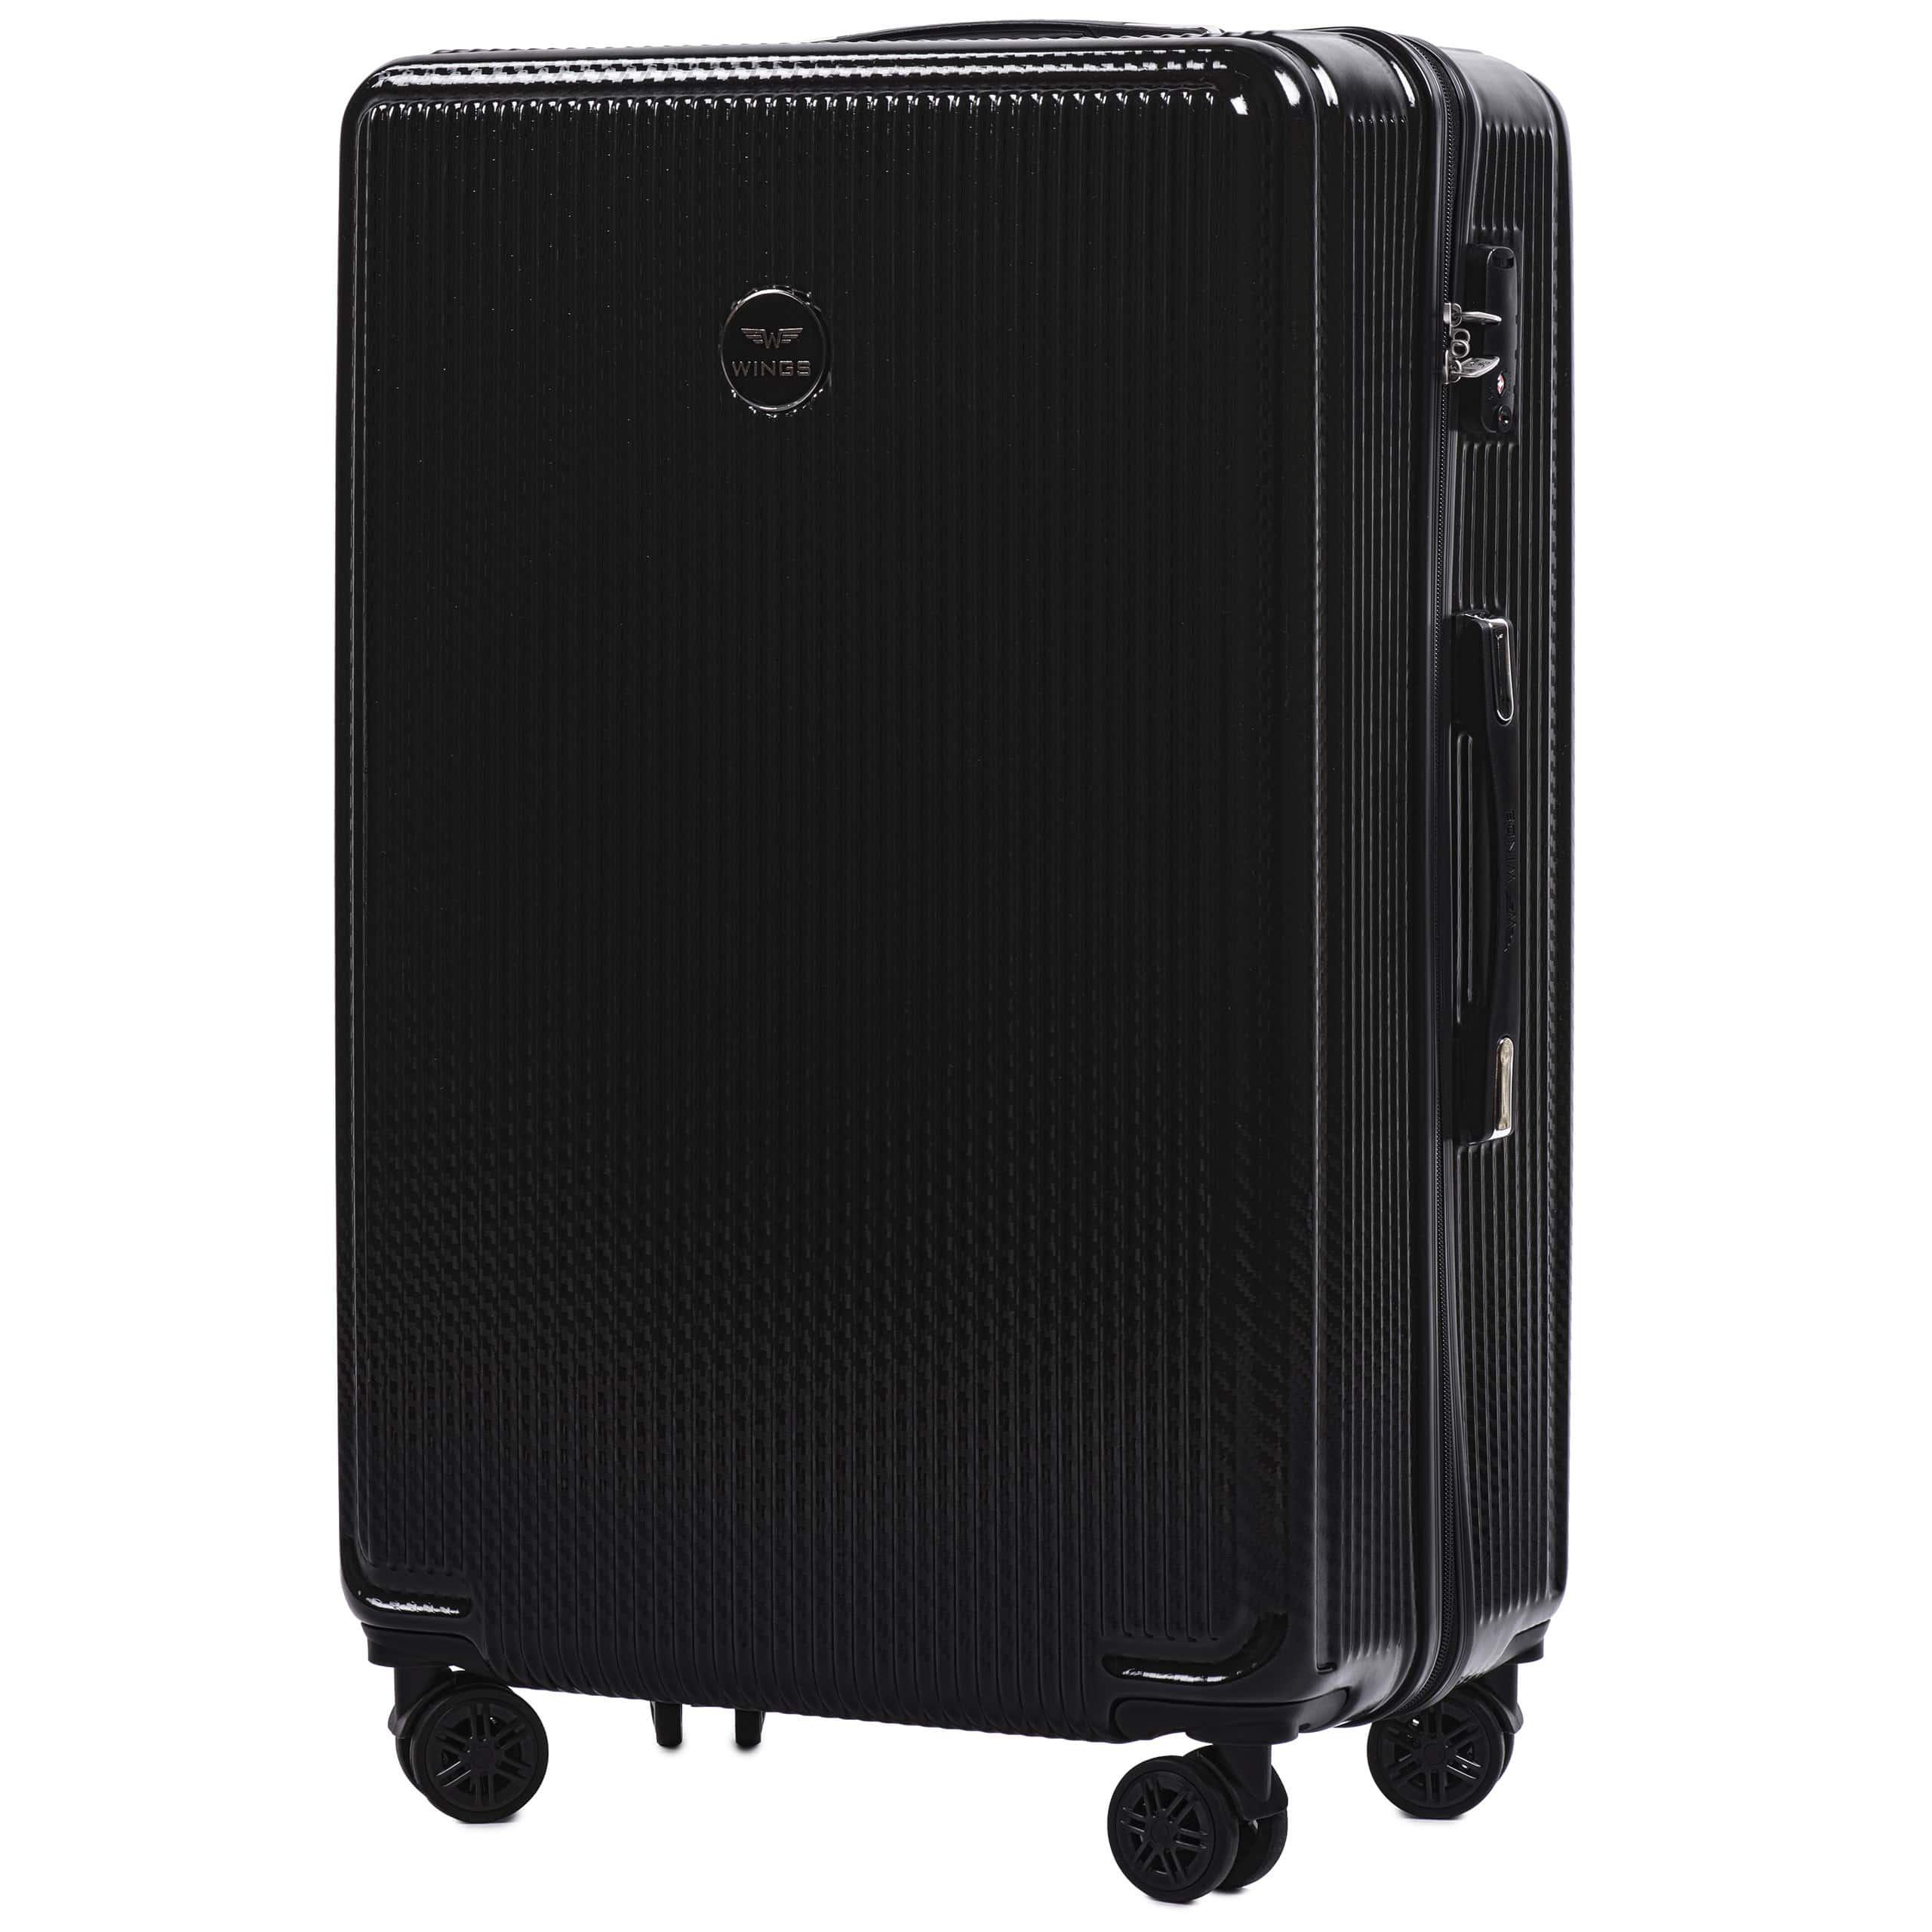 БОЛЬШОЙ ЧЕМОДАН WINGS PREMIUM 565 L BLACK. Для багажа ,до 23 кг